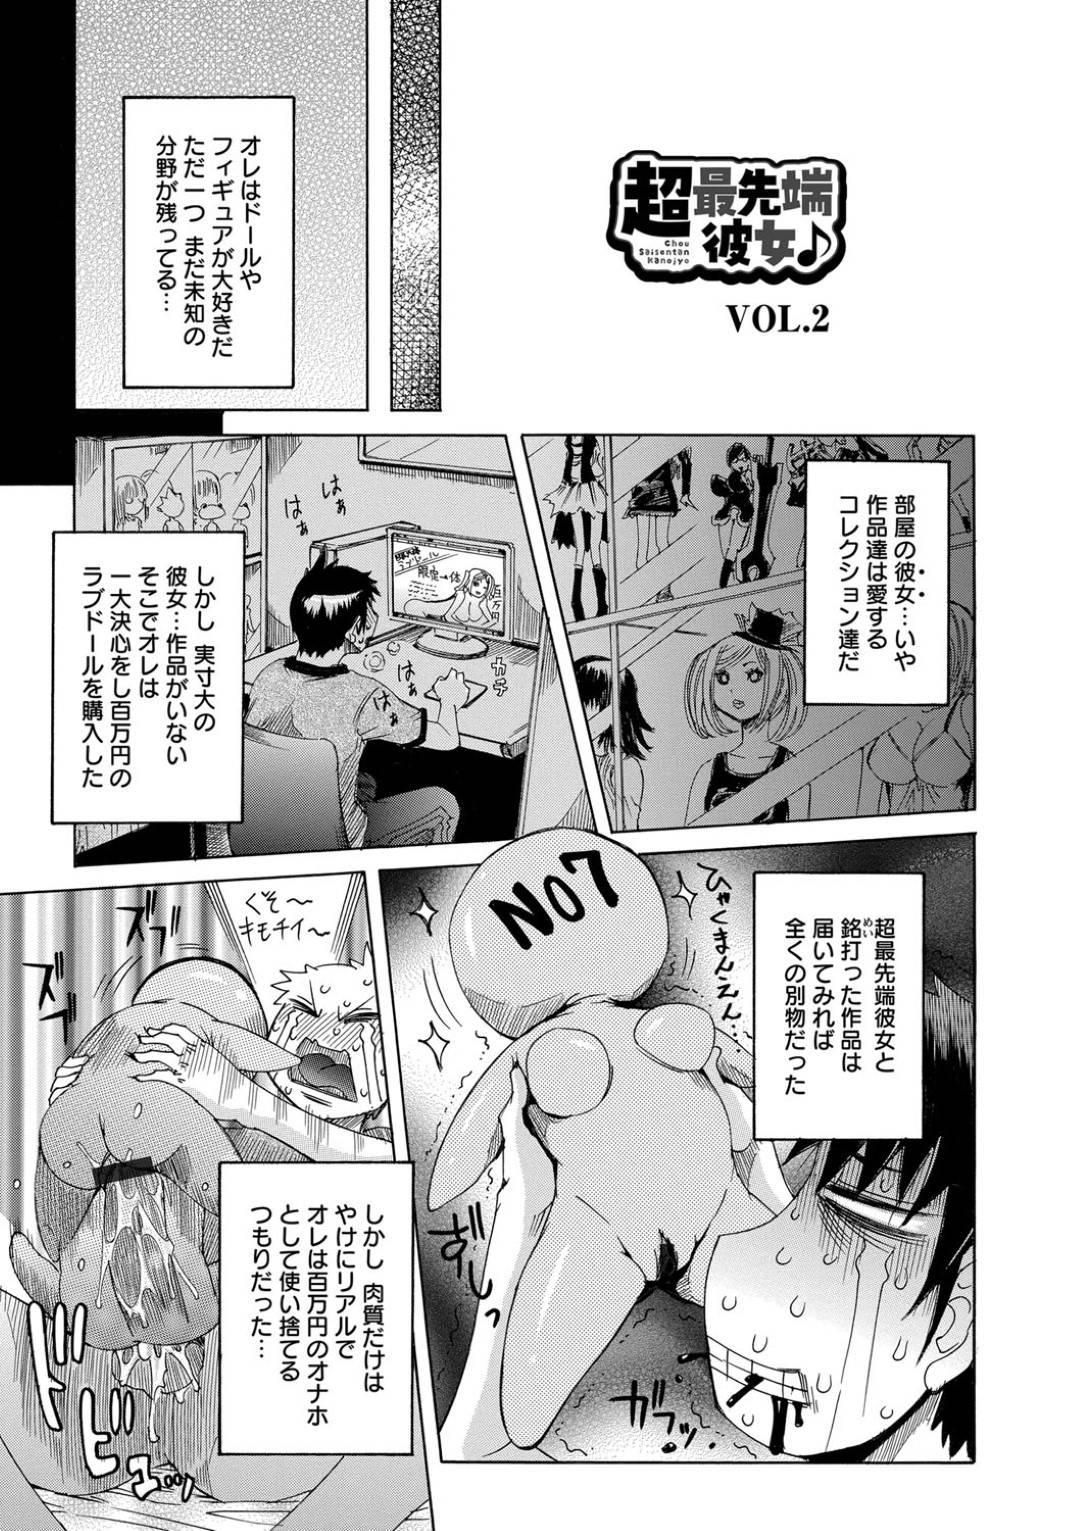 【エロ漫画】引きこもりニートの年下幼馴染男子をお風呂に入れながらおっぱいをヌルヌル押し付けてイチャラブセックスする肉食美人お姉さん【シオマネキ/シャンプーの匂いで…】